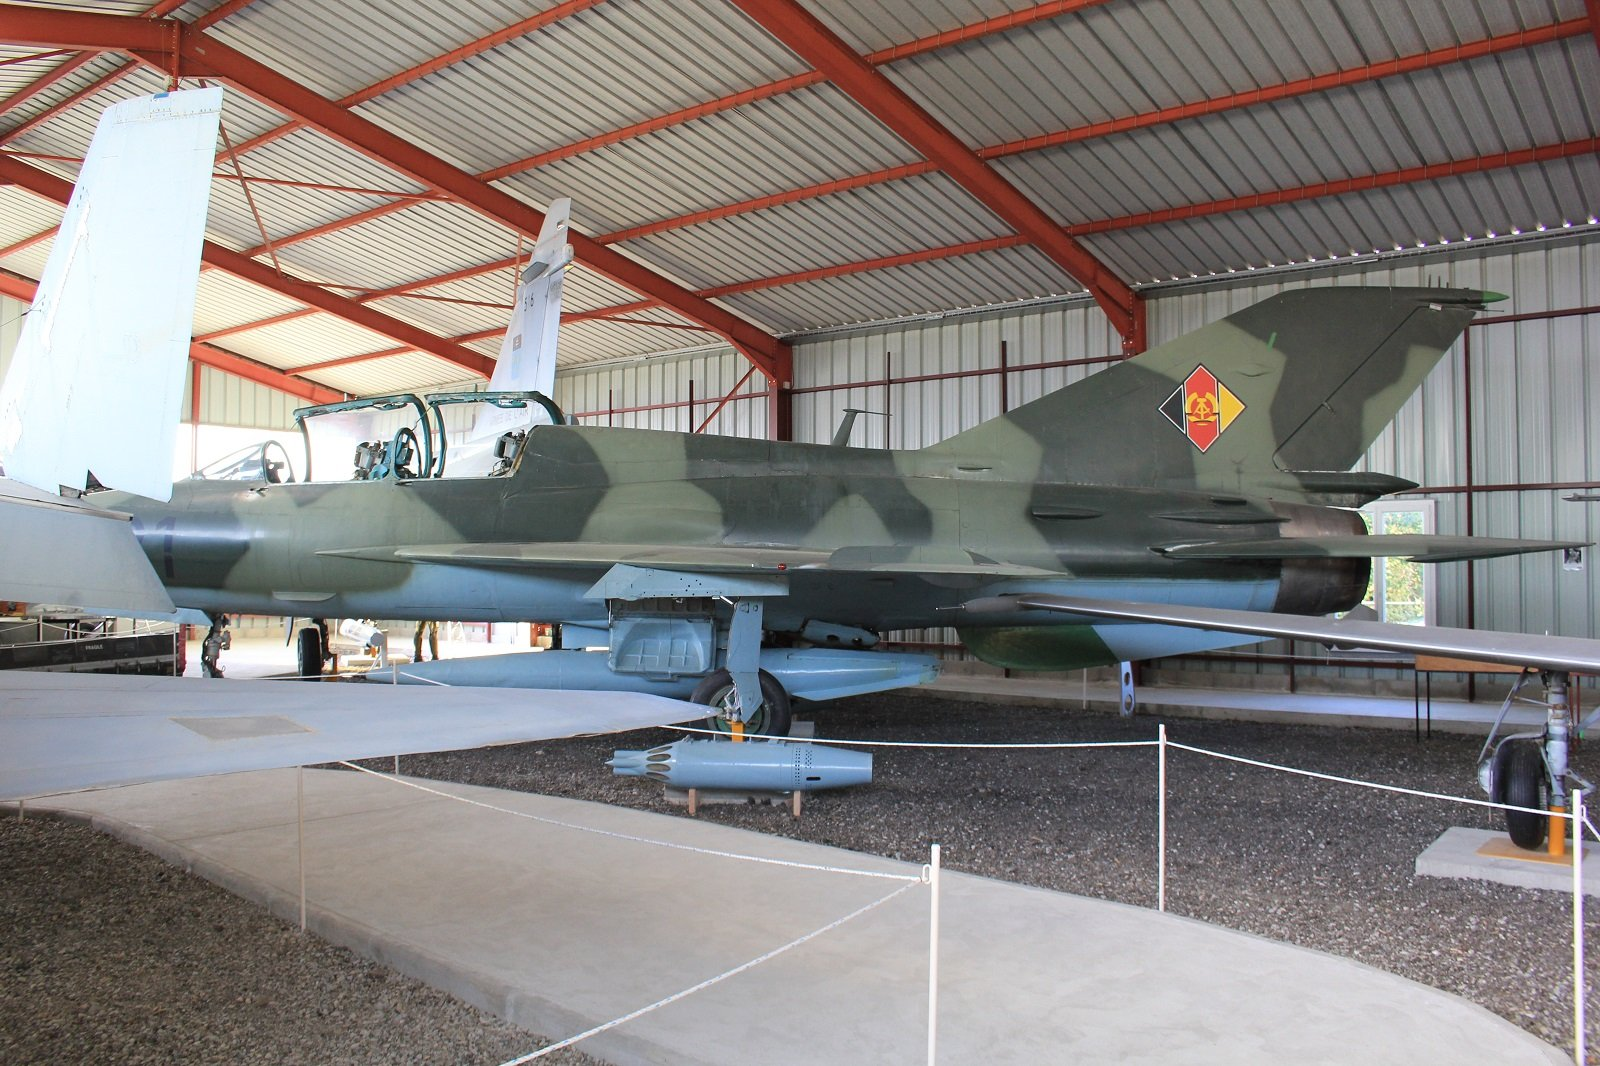 musée de l'aviation de chasse de Montelimar  - Page 2 191030070541582328